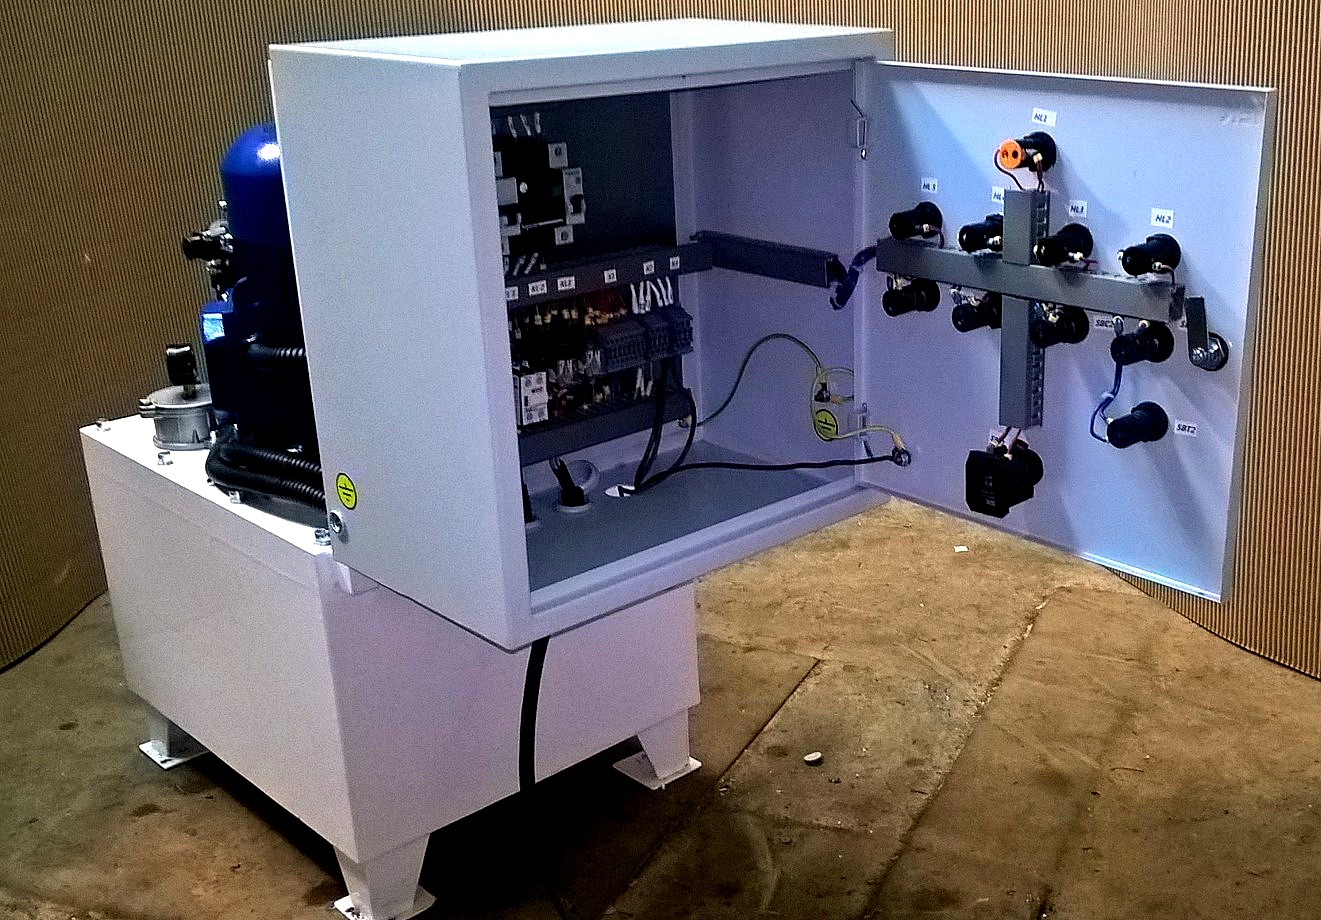 Ice Rocket Маслостанции IRS стационарные Маслостанции IRU с ручным управлением Маслостанции для подъемного оборудования Маслостанции IRP для прессов: